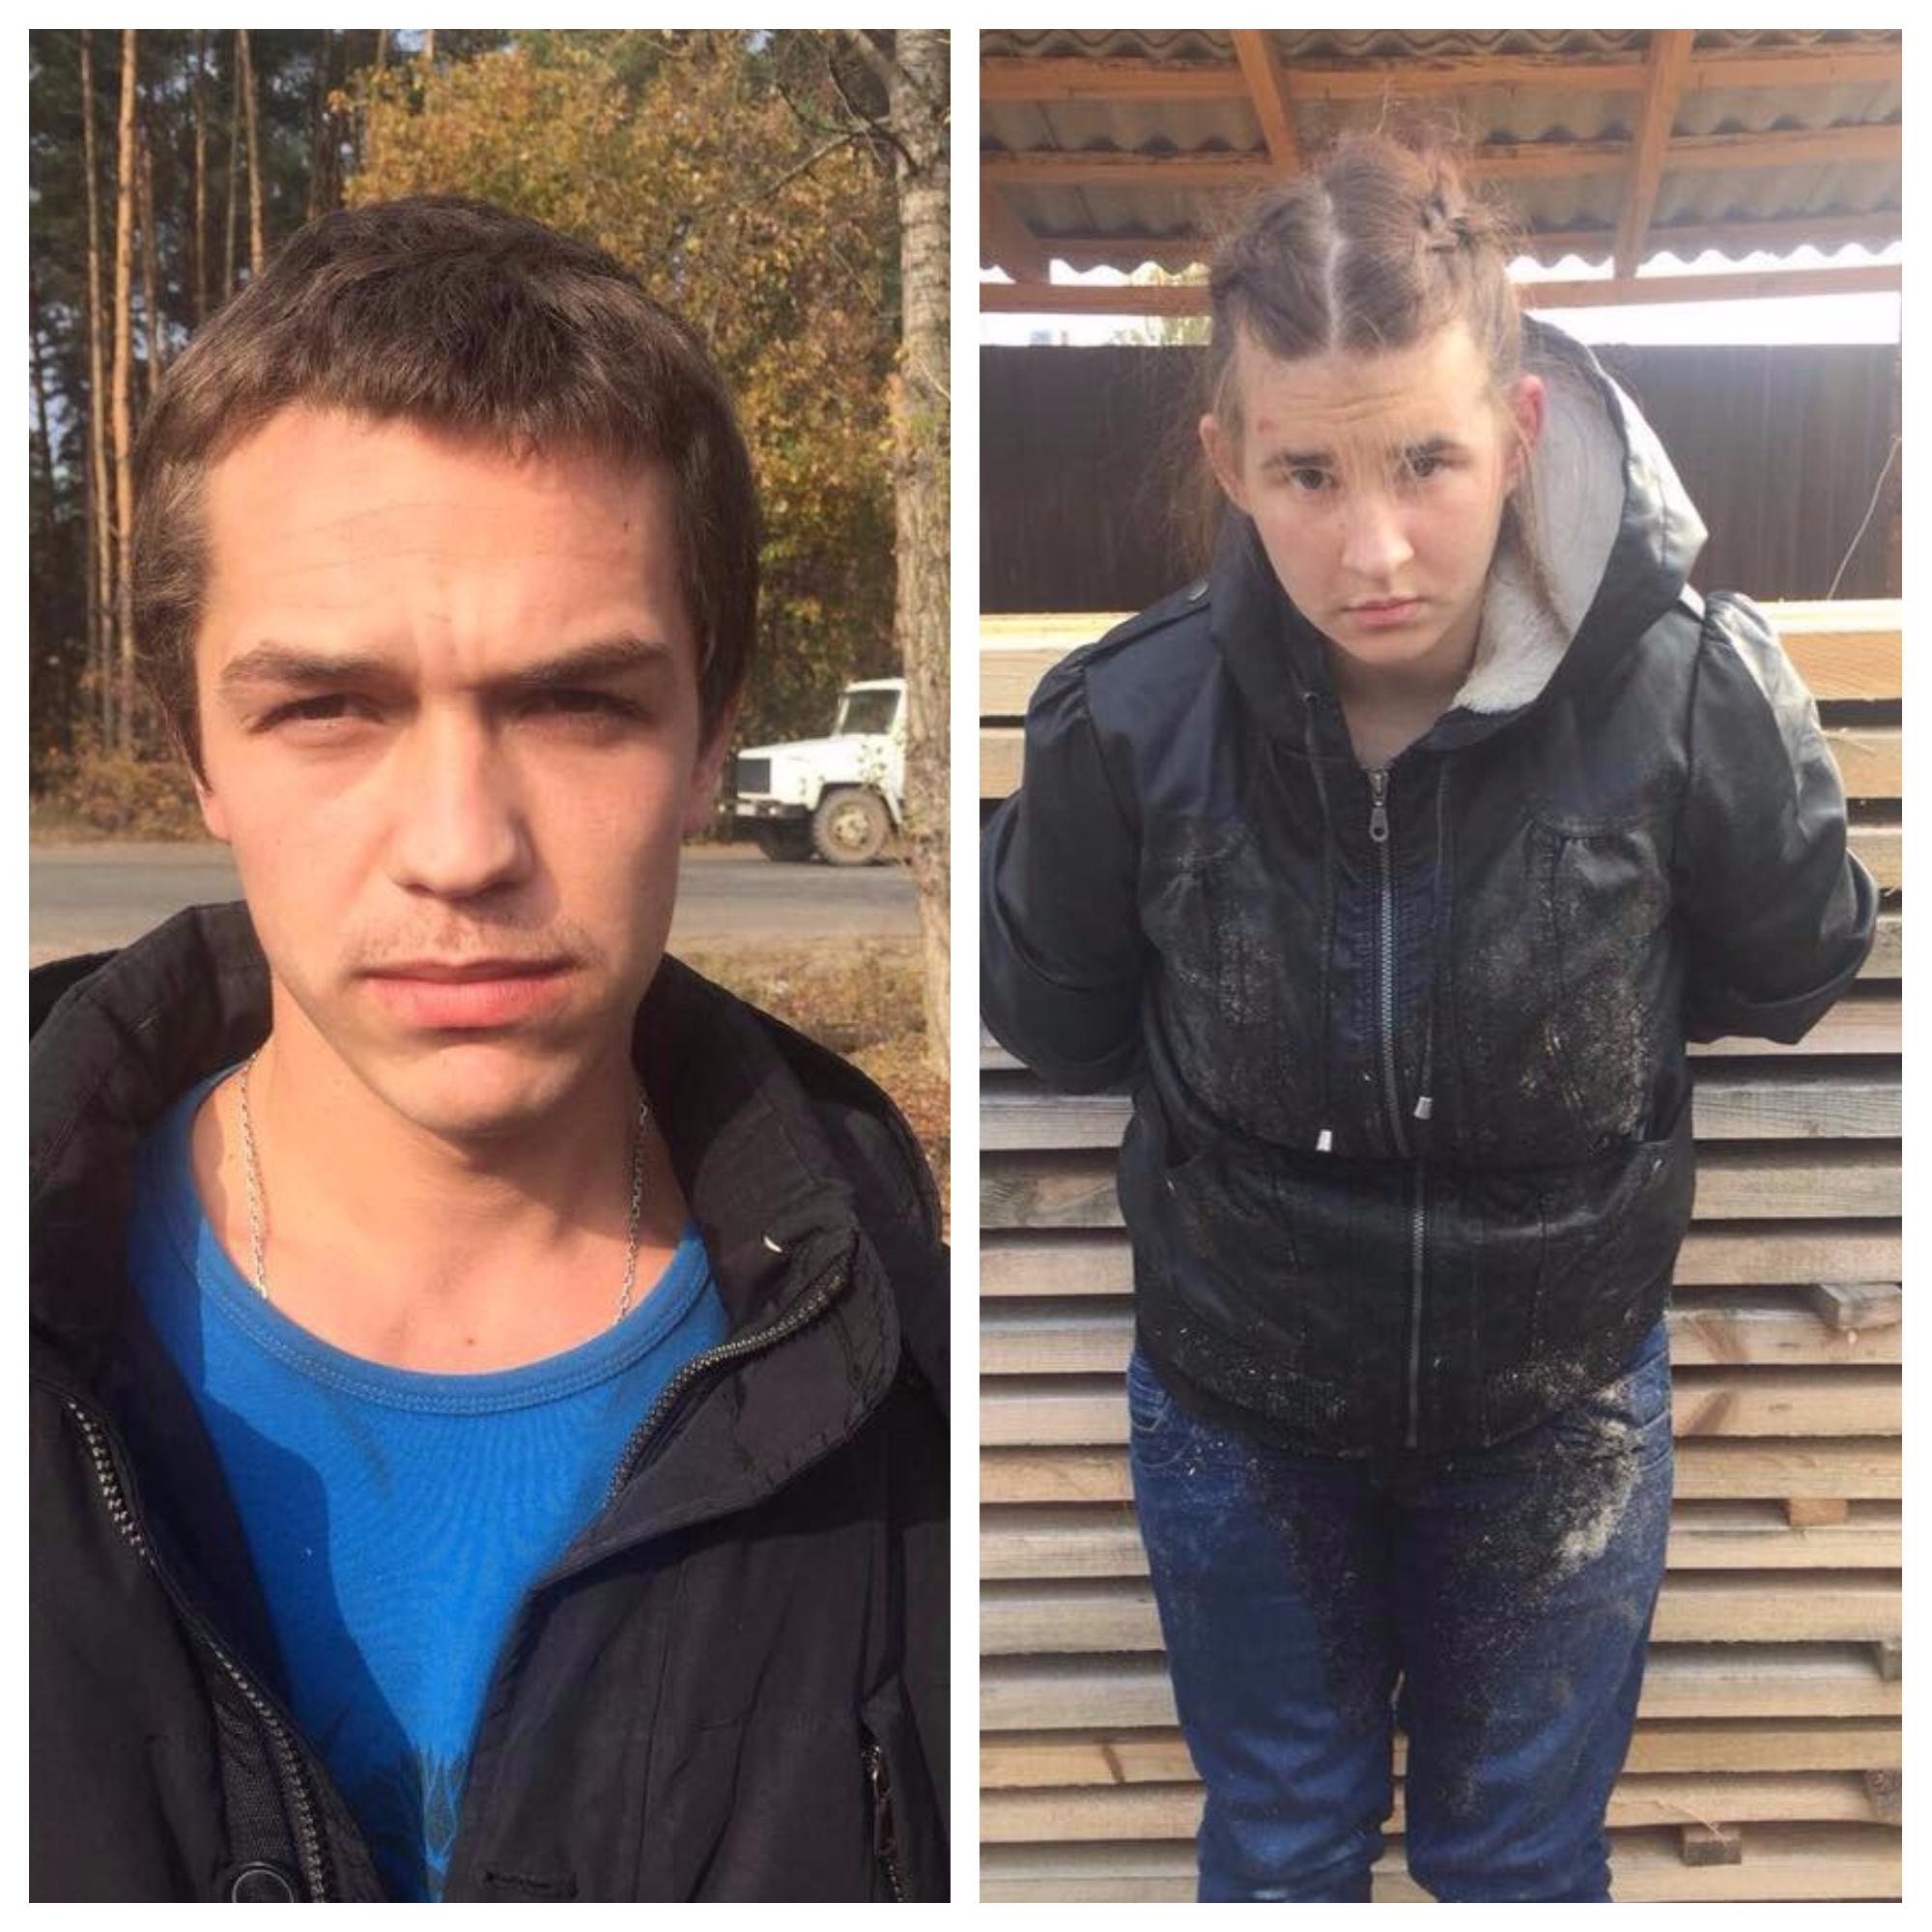 Муж похитительницы ребенка прокомментировал действия супруги / фото facebook.com/anton.gerashchenko.7